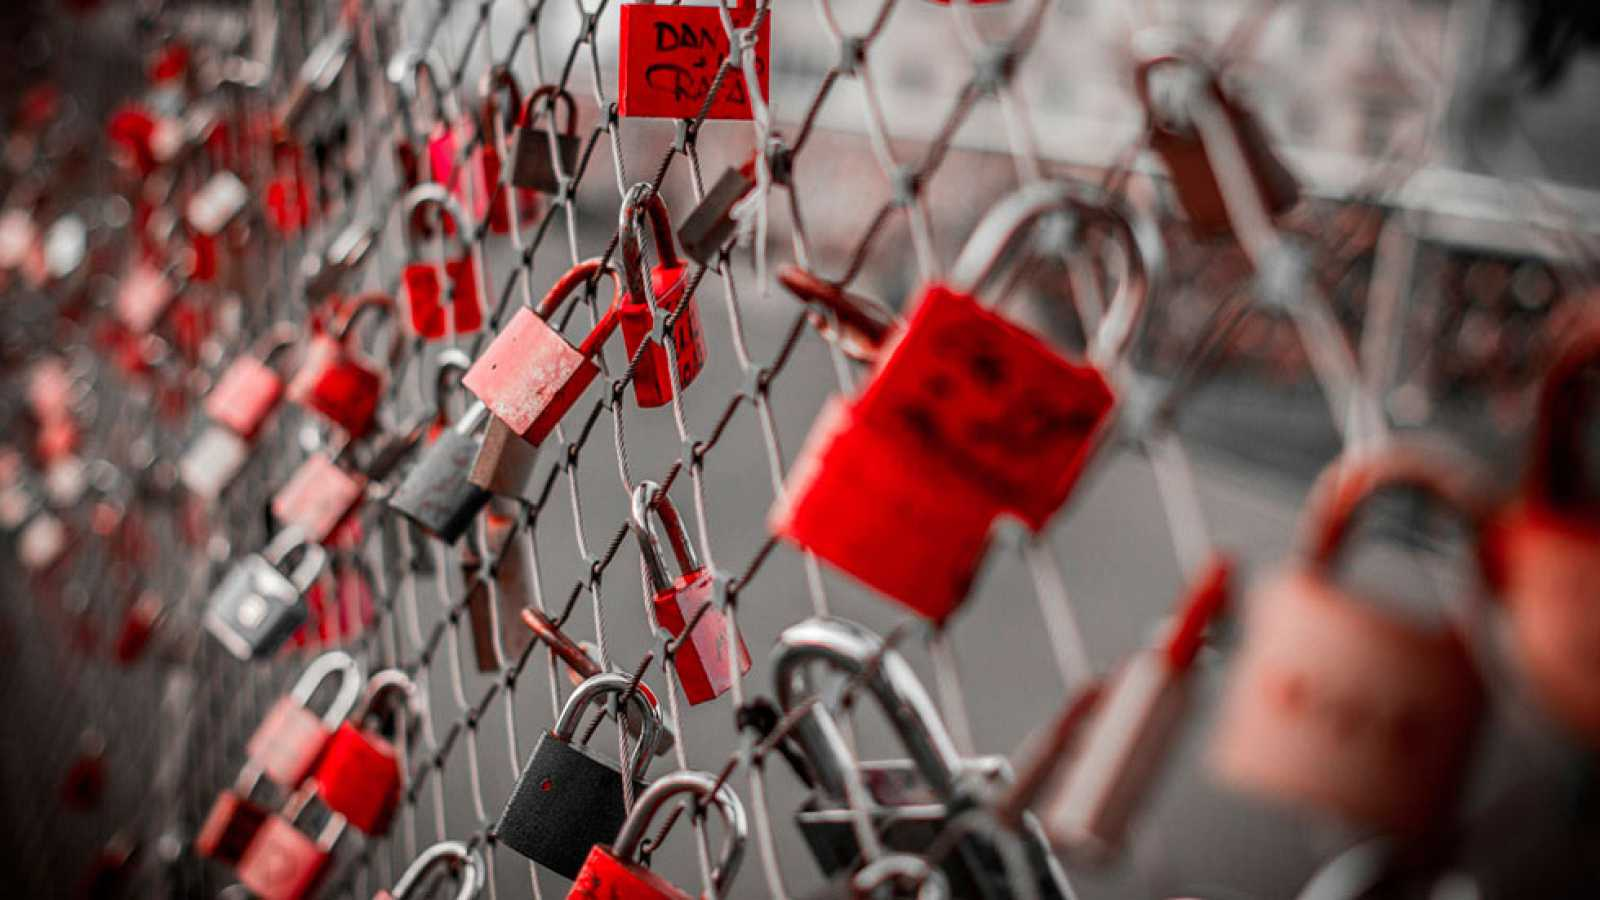 Mitos del amor romántico que producen daño